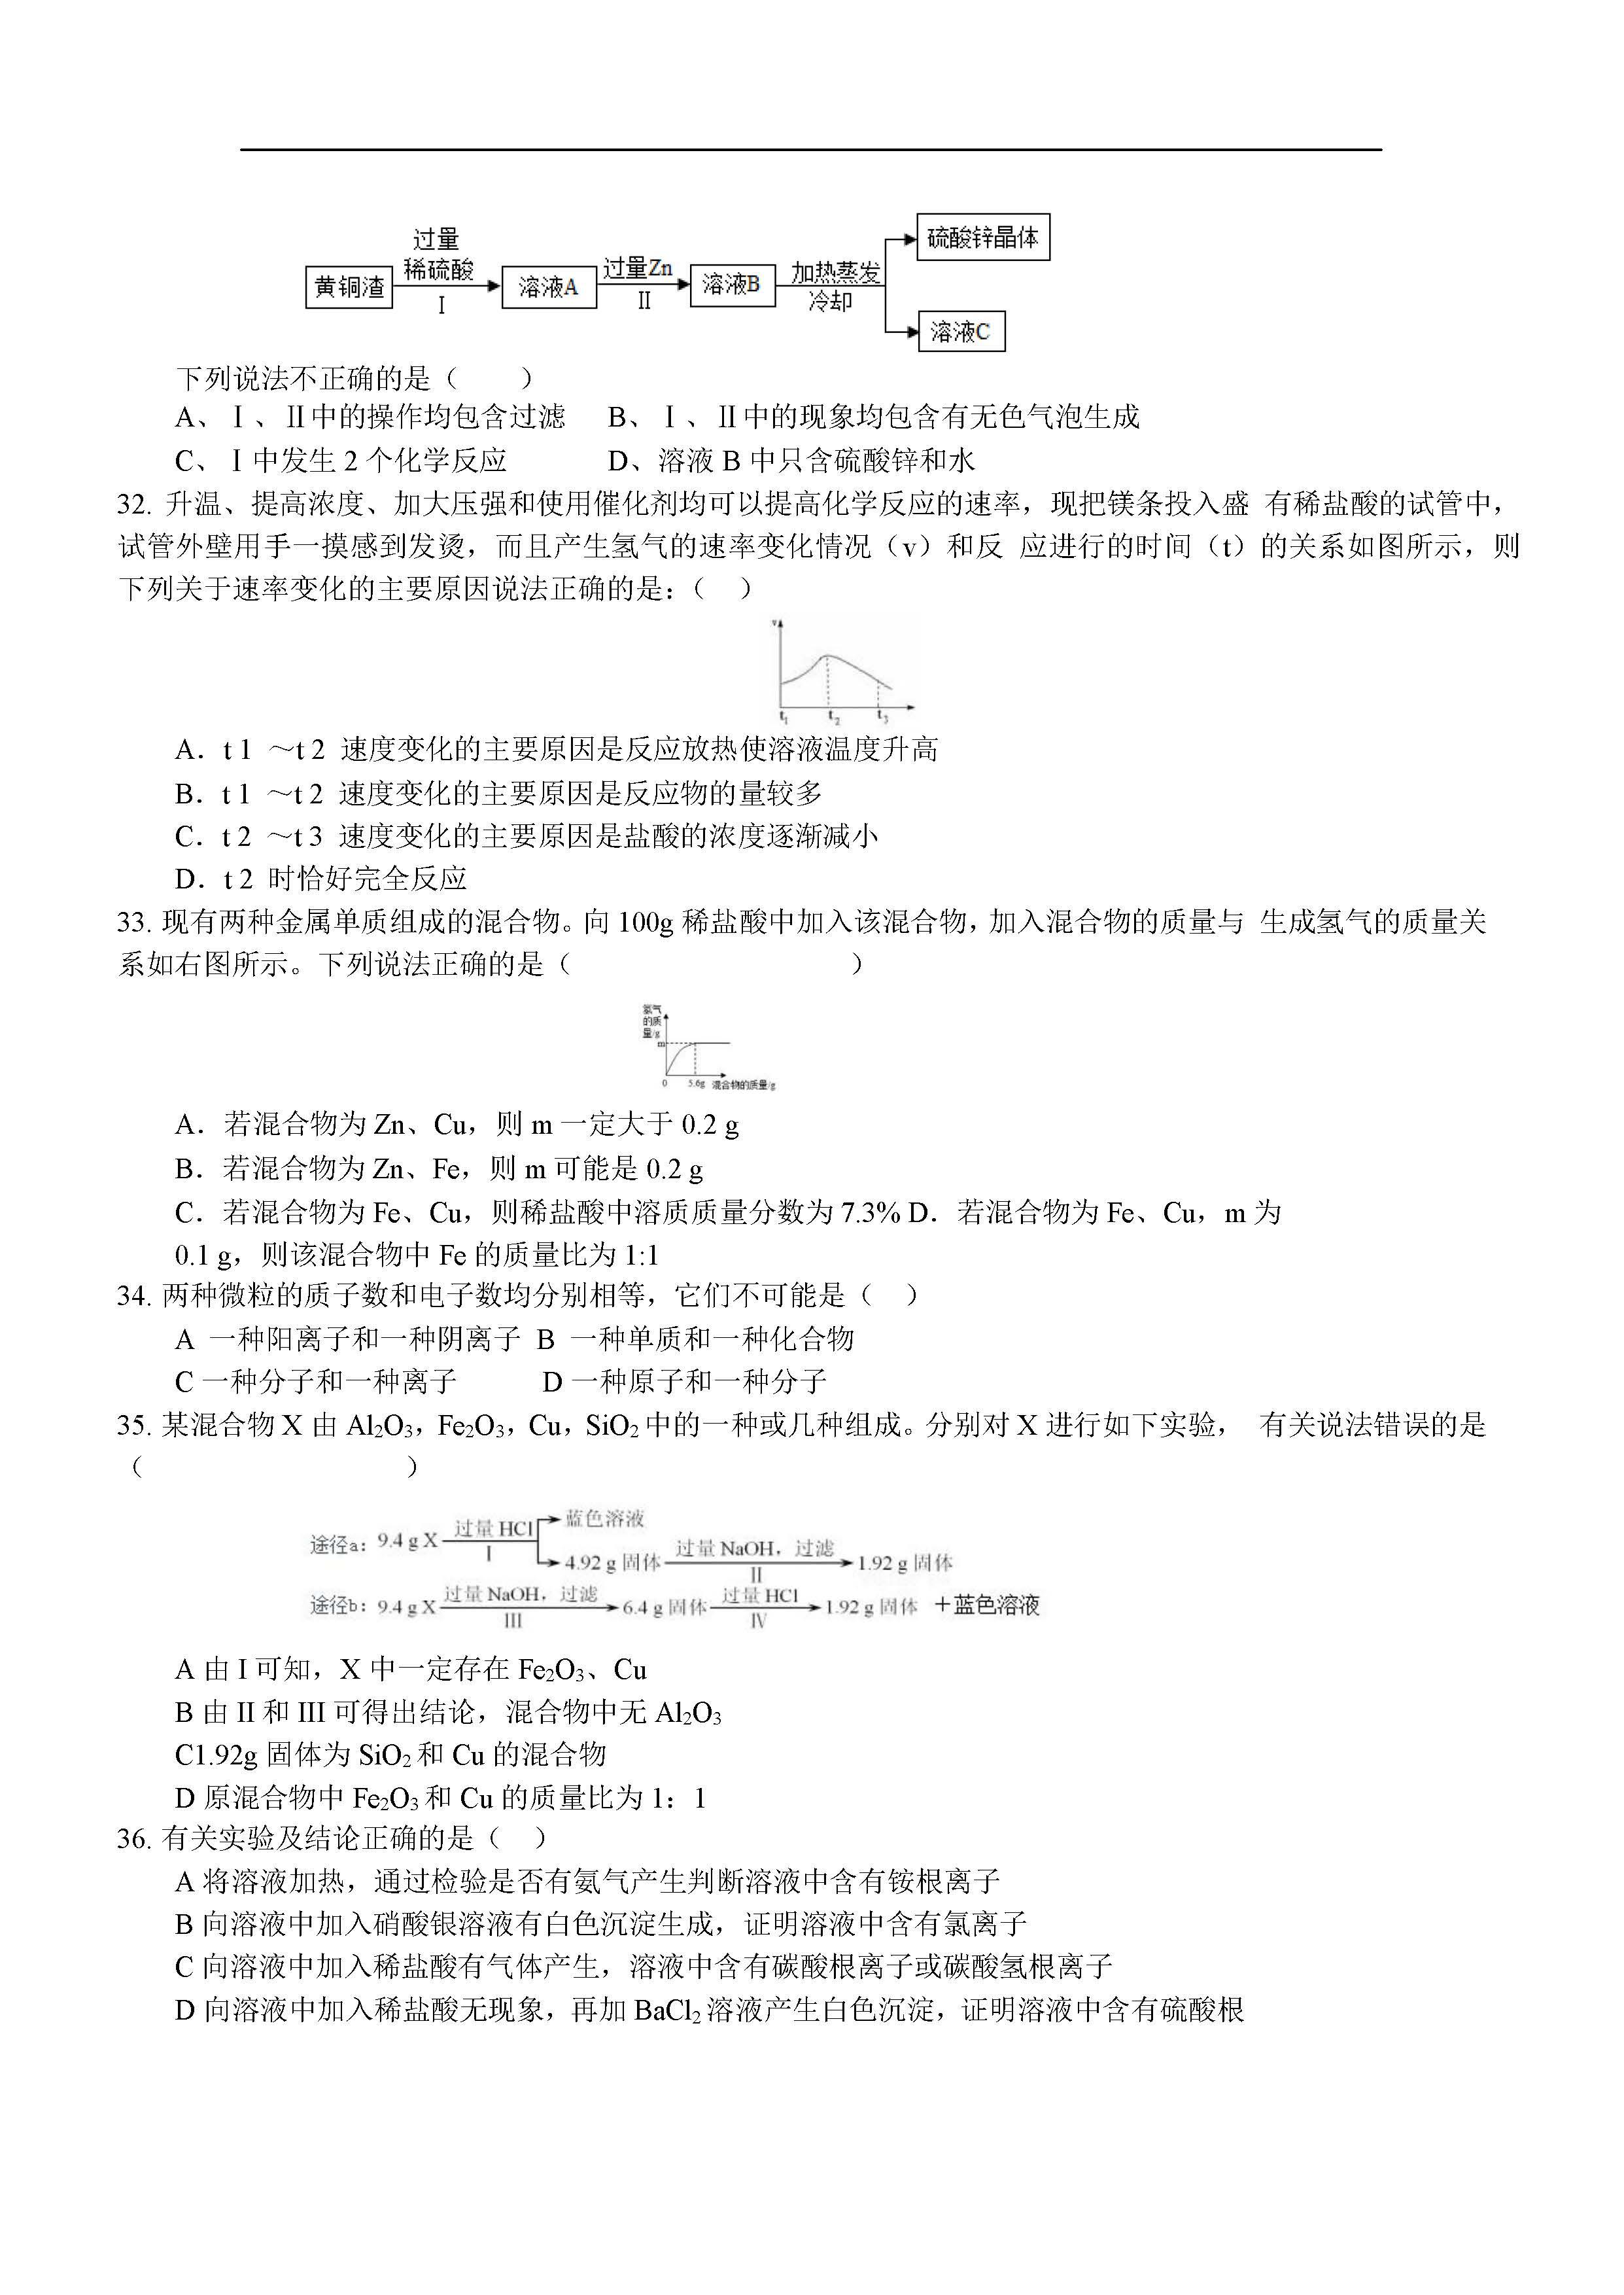 2018上海天原杯化学竞赛预赛试题及答案(图片版)